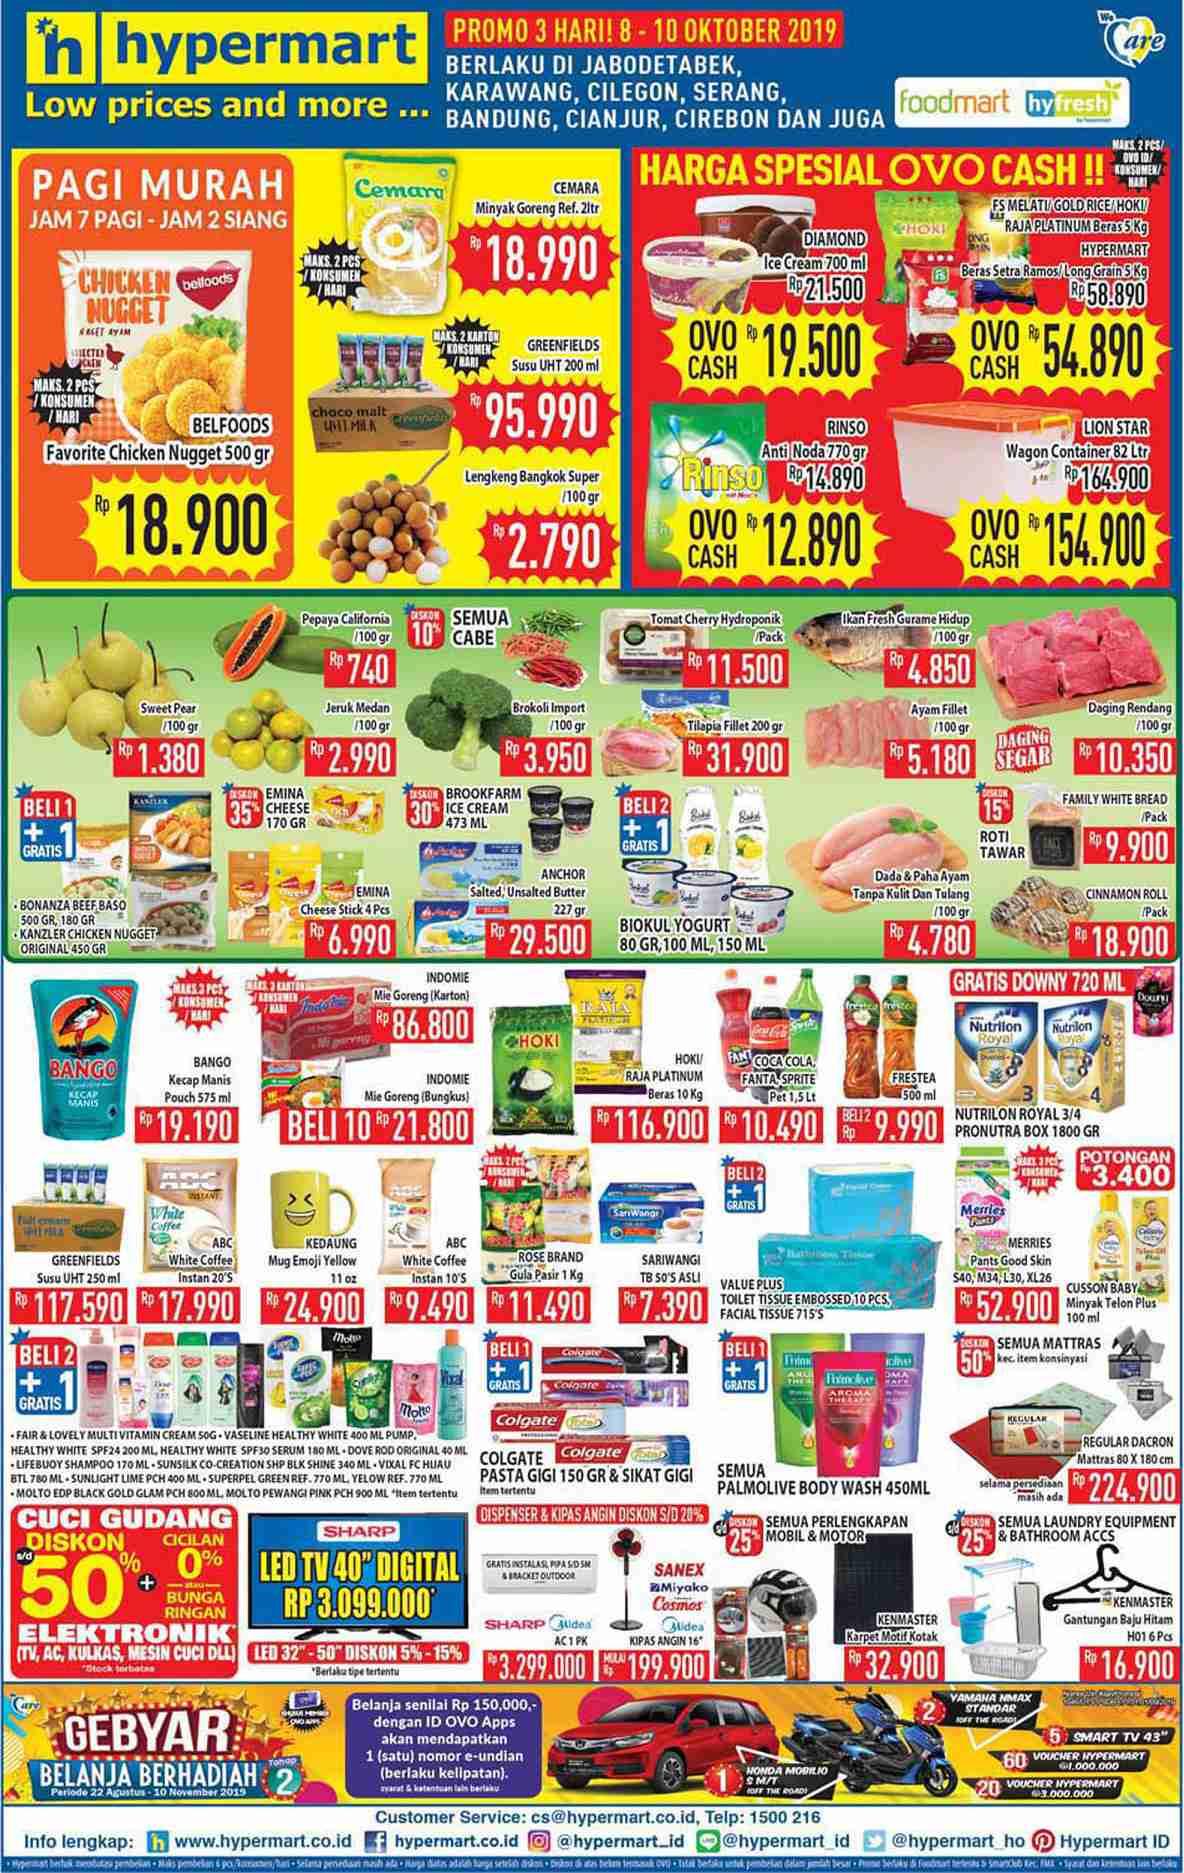 Hypermart Katalog Belanja Dan Promosi Periode 8-10 Oktober 2019